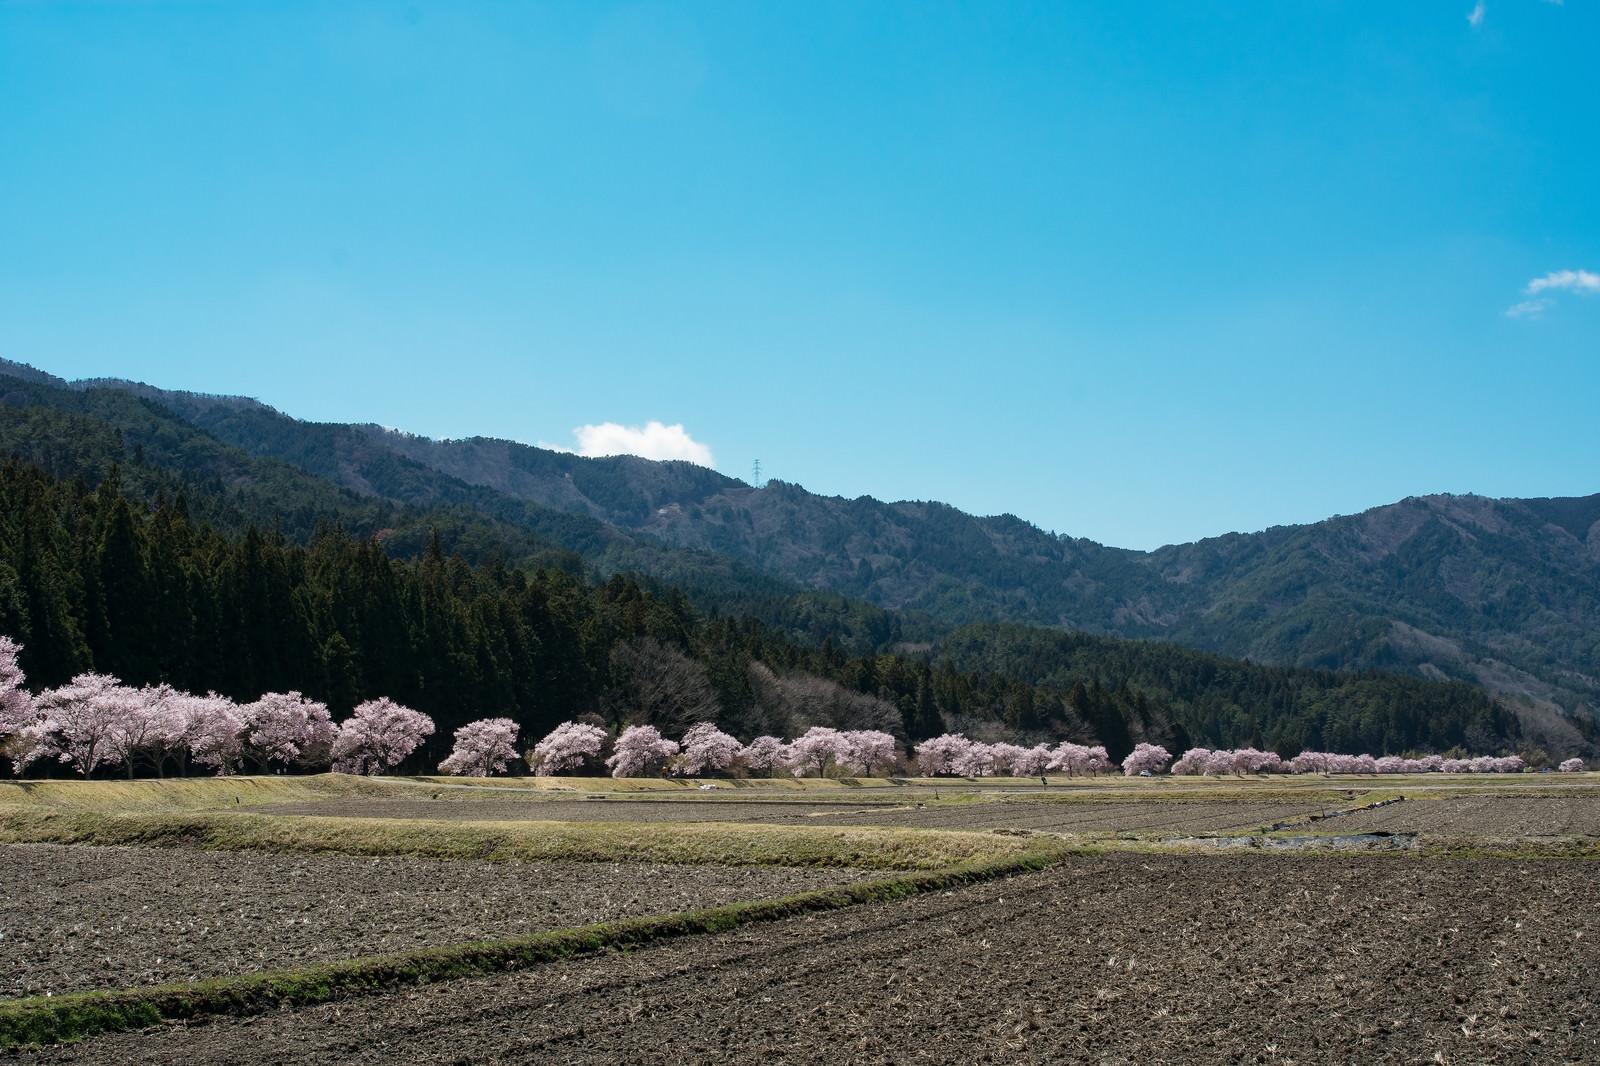 「耕された田んぼと共に続くコヒガンザクラ並木」の写真